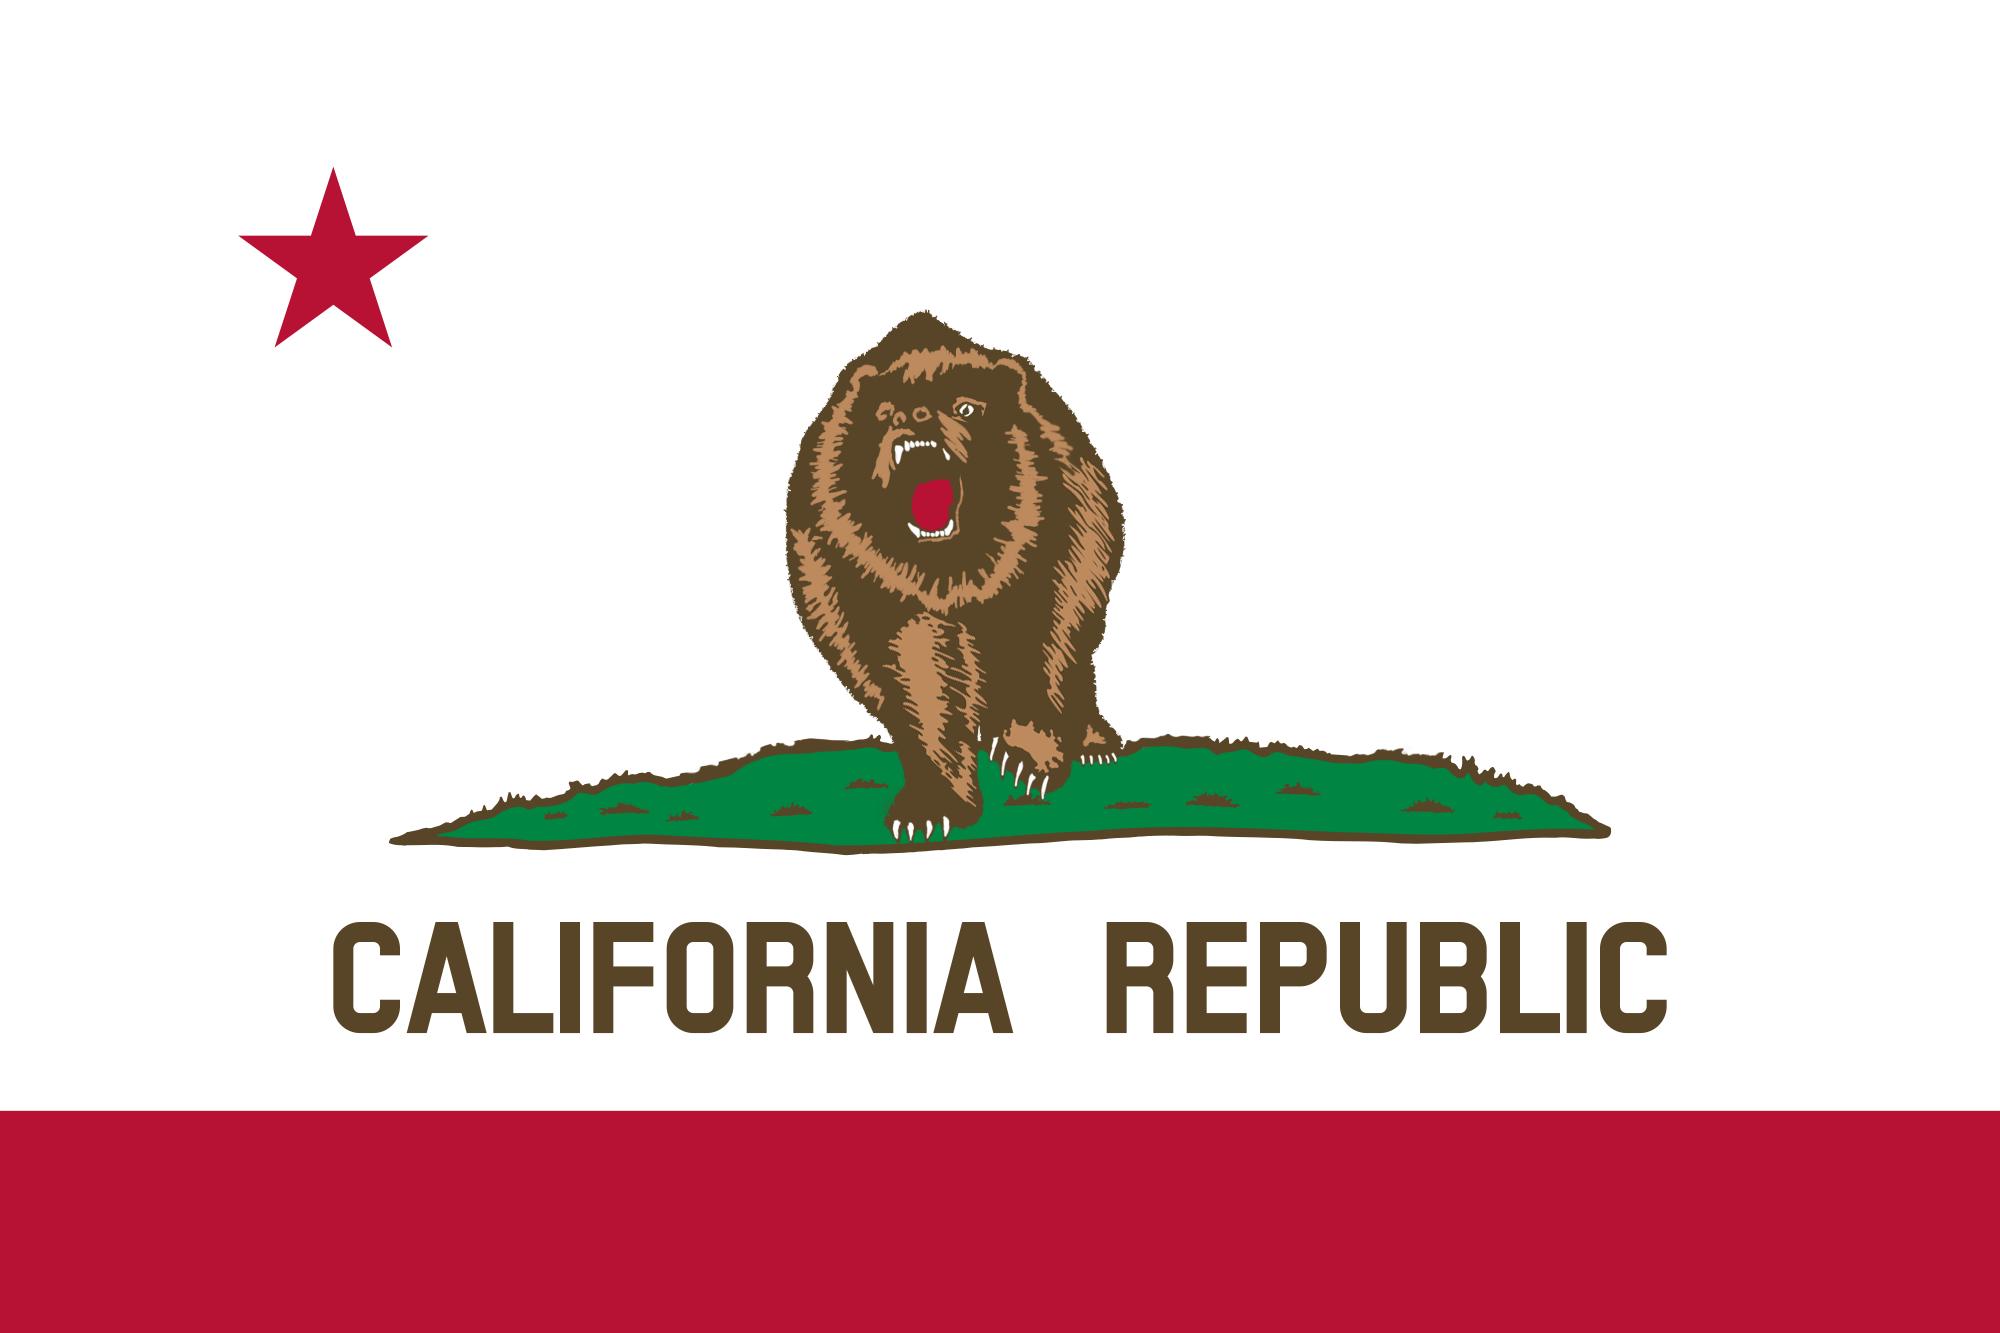 War Flag Of California By U Heathcot War Flag Contest On Reddit R Vexillology War Flag Flag California Republic